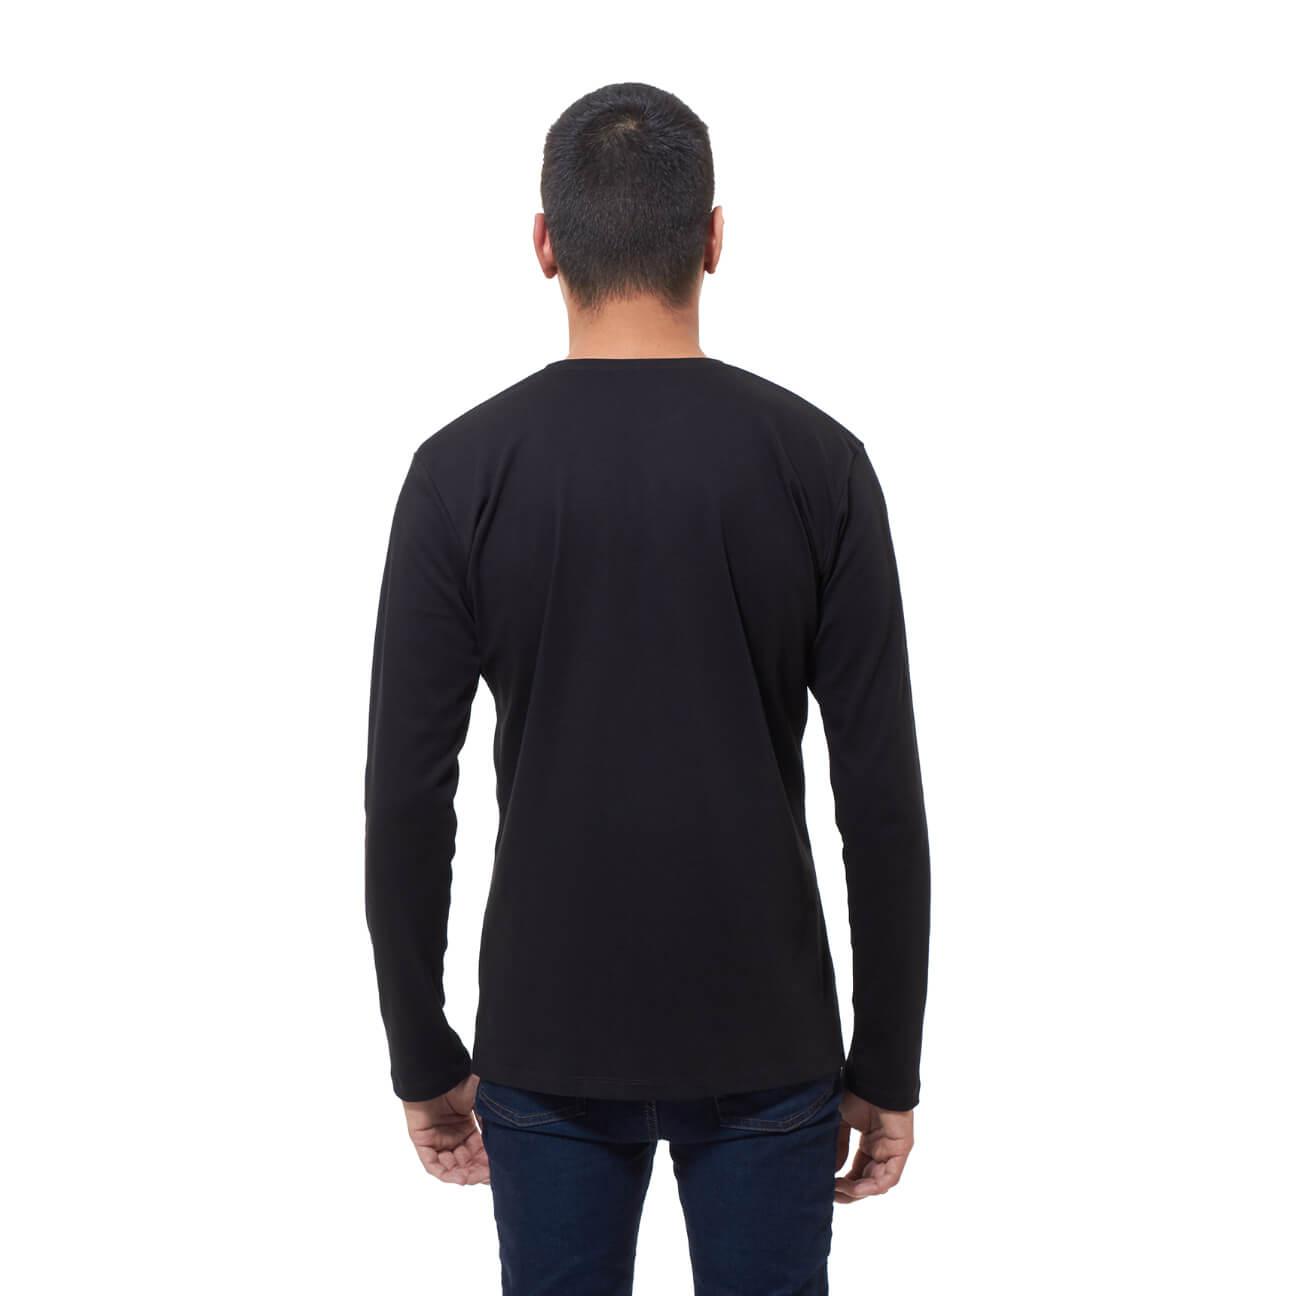 Franela basica caballero manga larga negra espalda